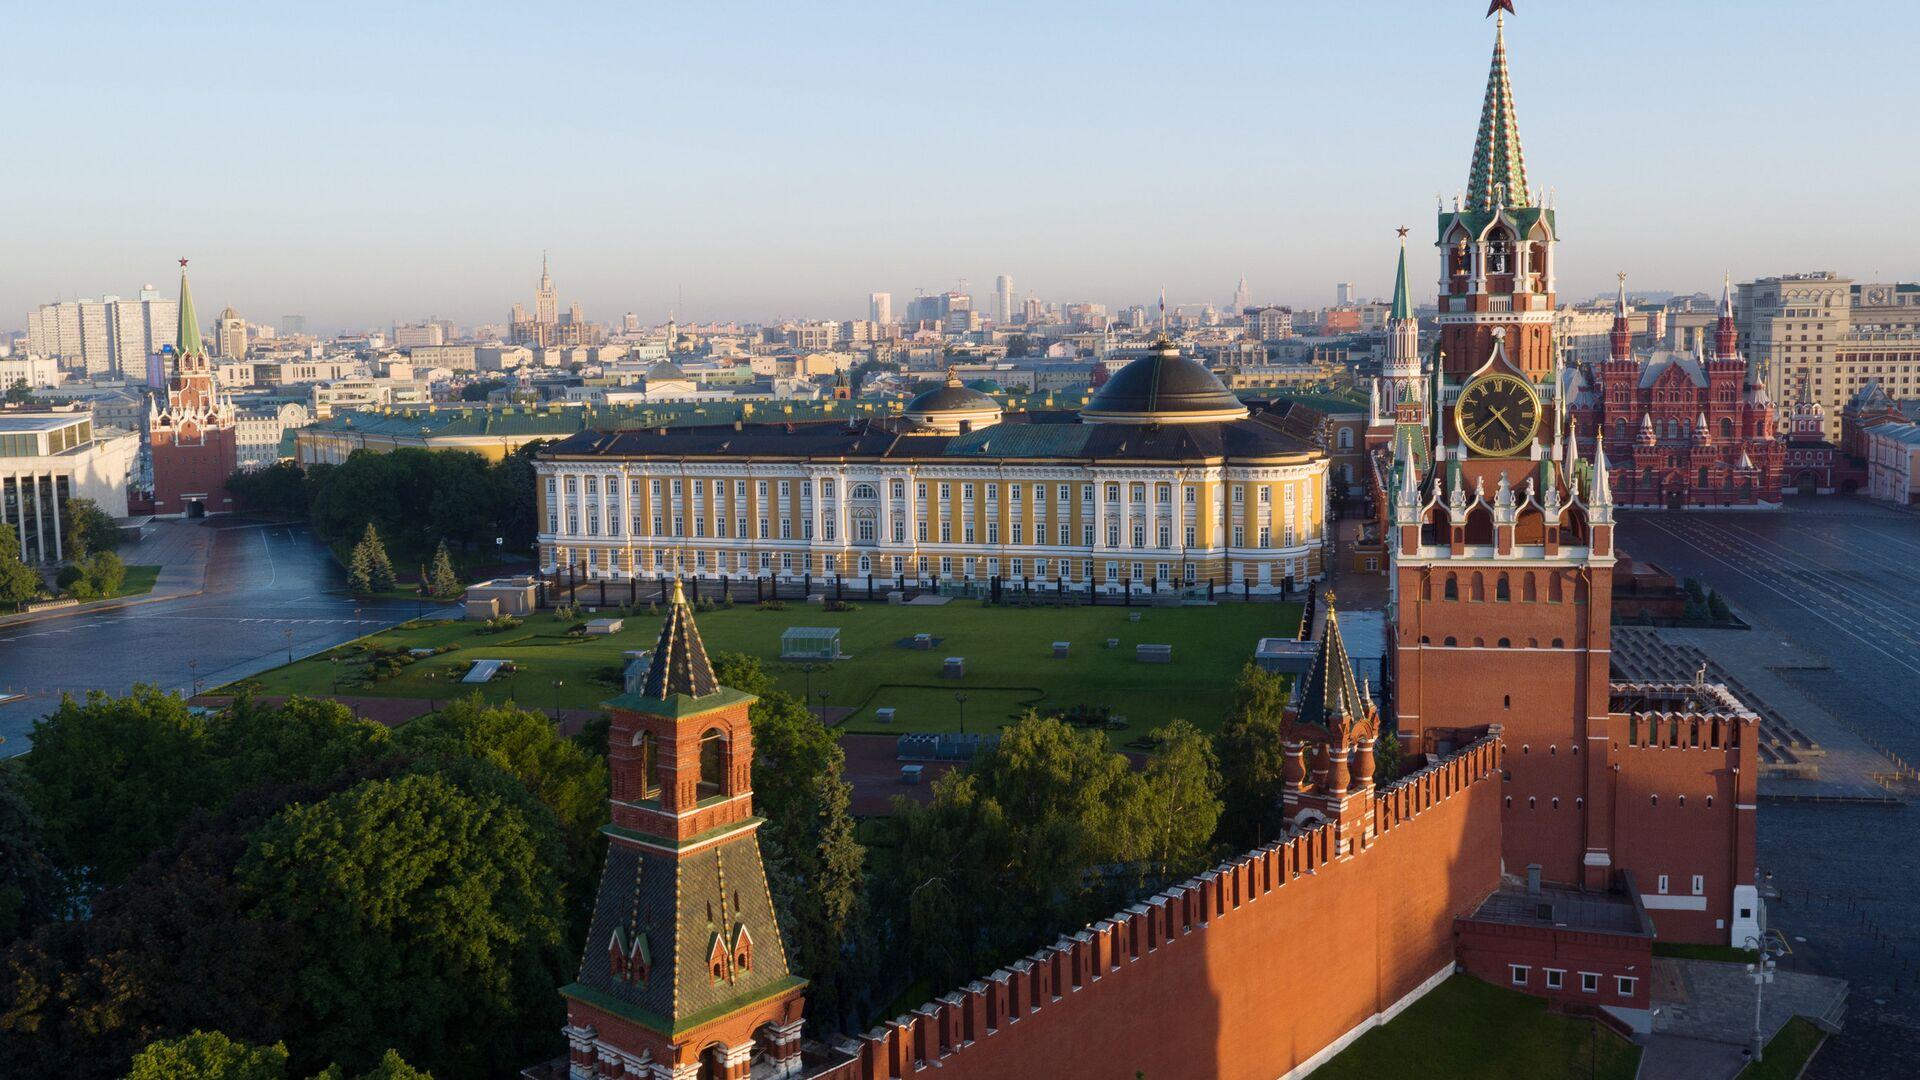 Московский Кремль - РИА Новости, 1920, 03.12.2020